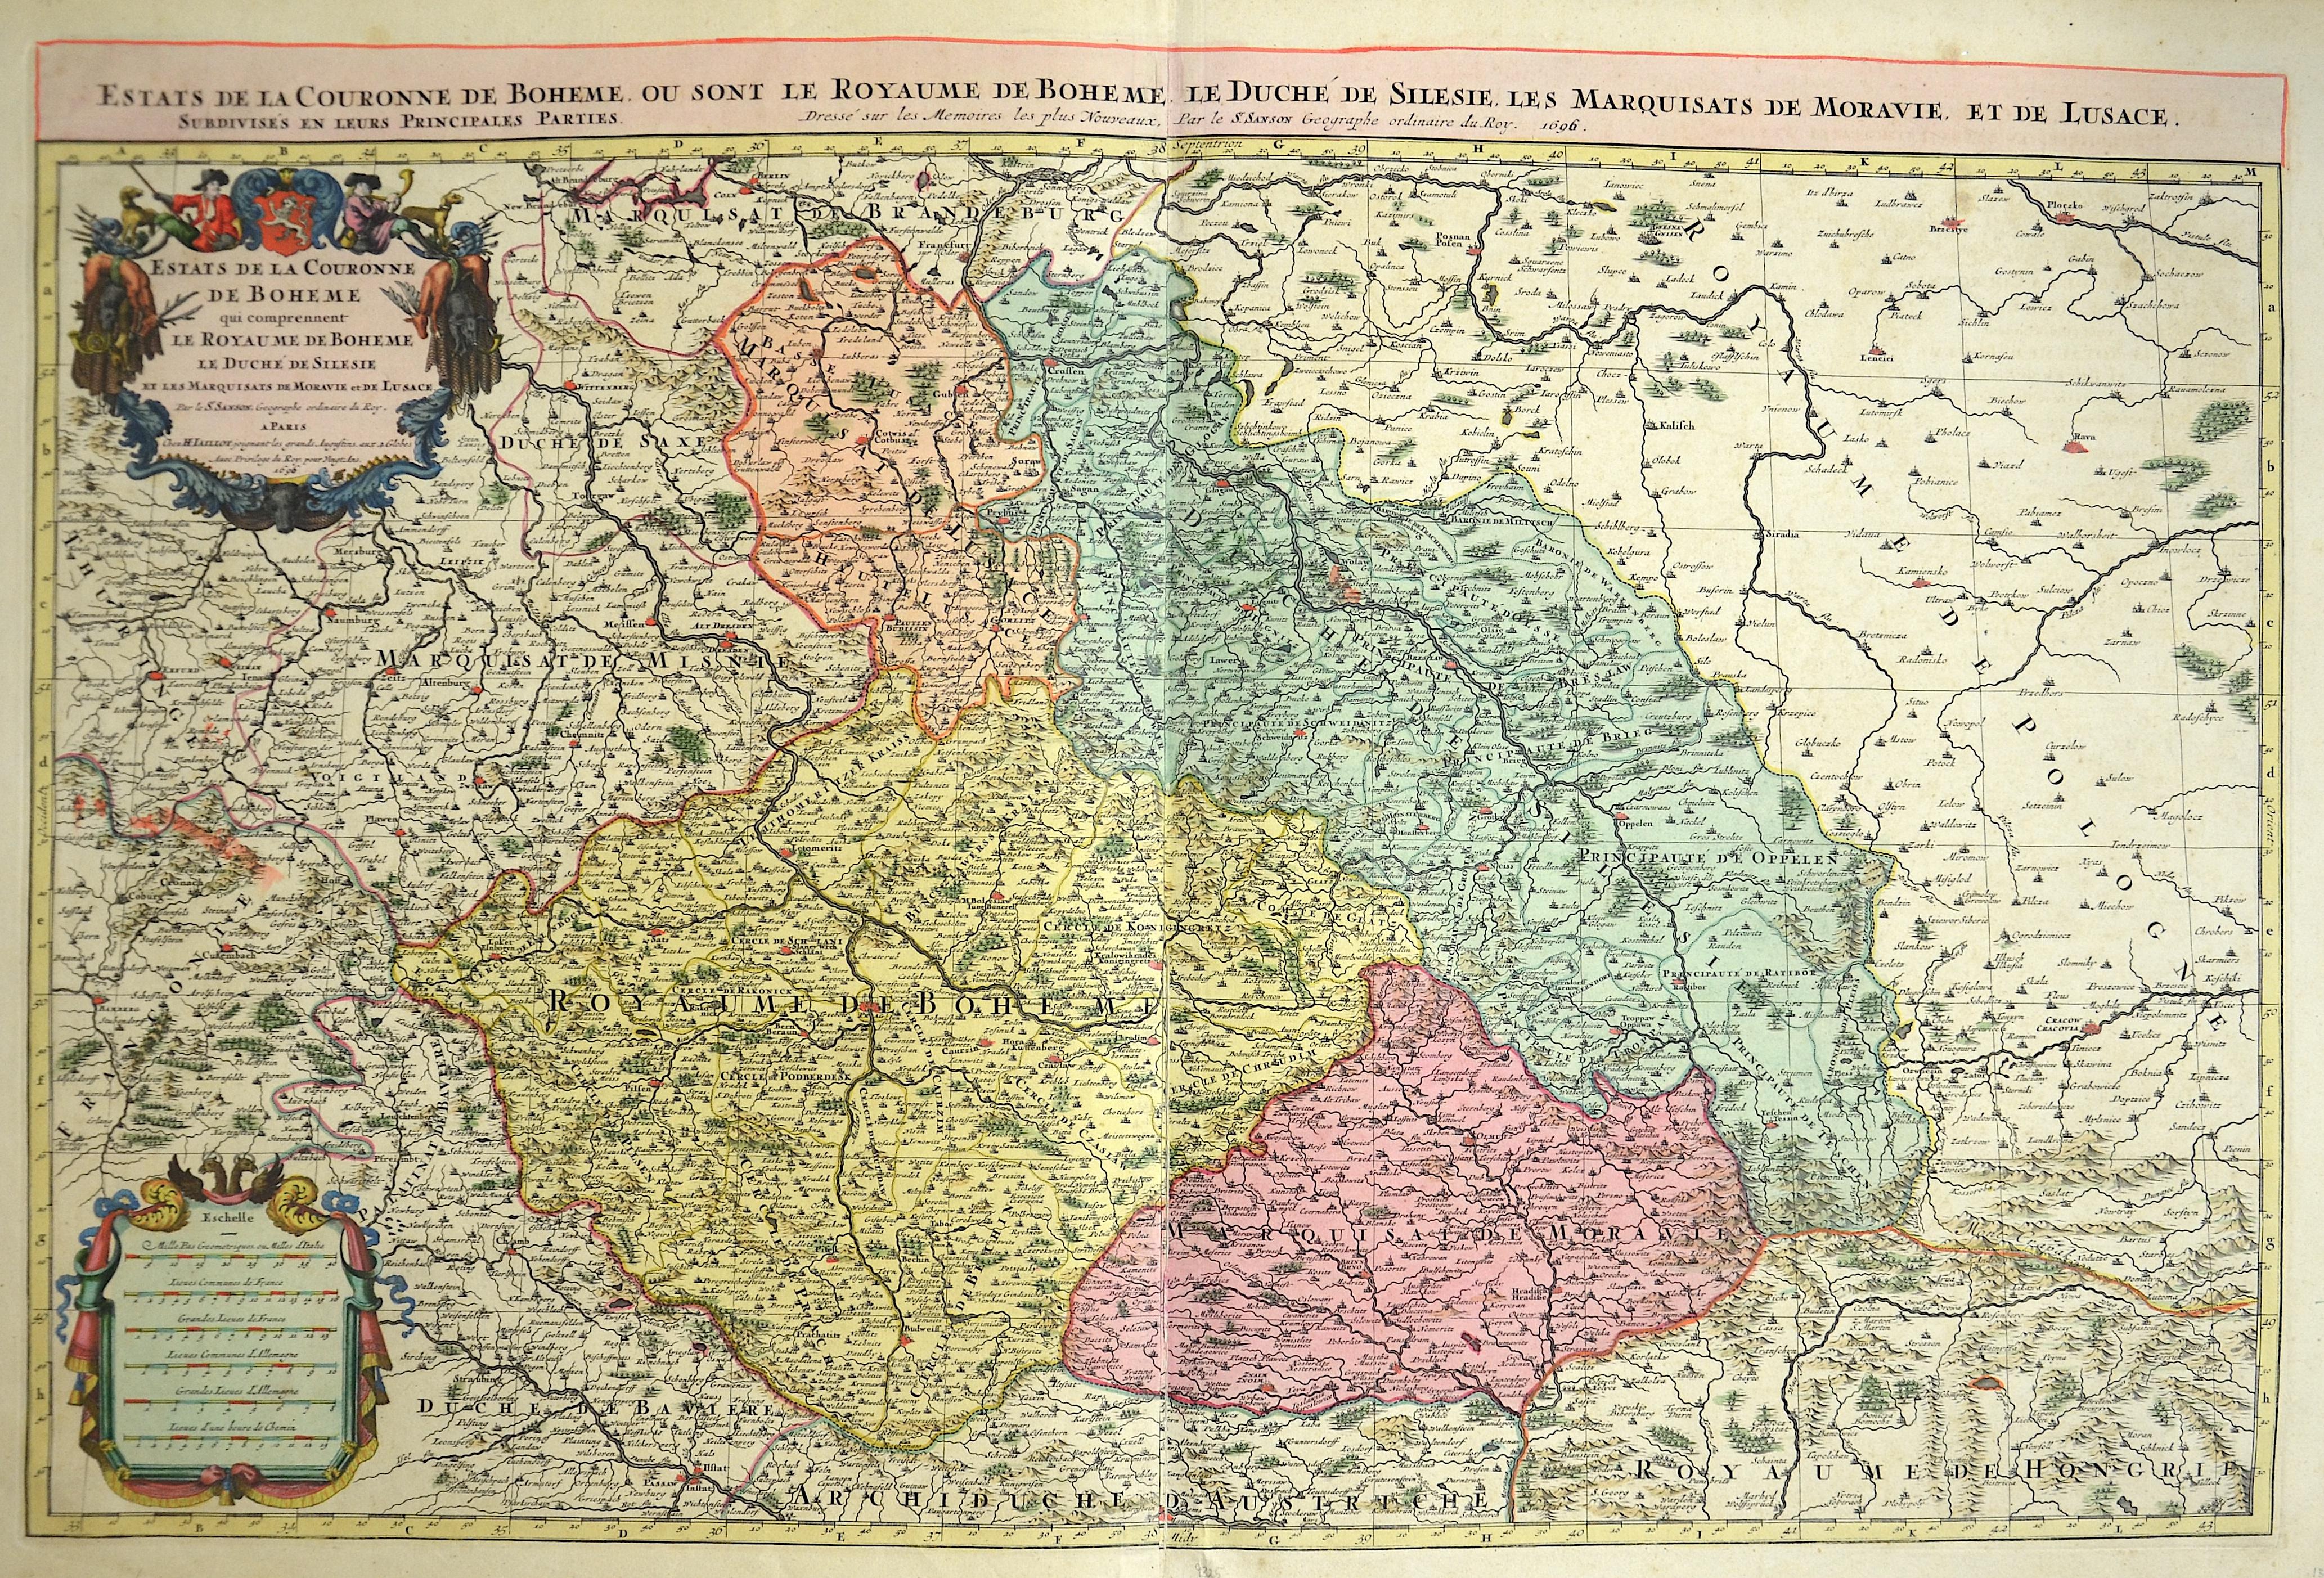 Sanson/ Jaillot, Charles Hubert  Estats de la Couronne de Boheme qui comprennent le Royaume de Boheme le duche de Silesie et les Marquisats de Moravie et de Lusace.